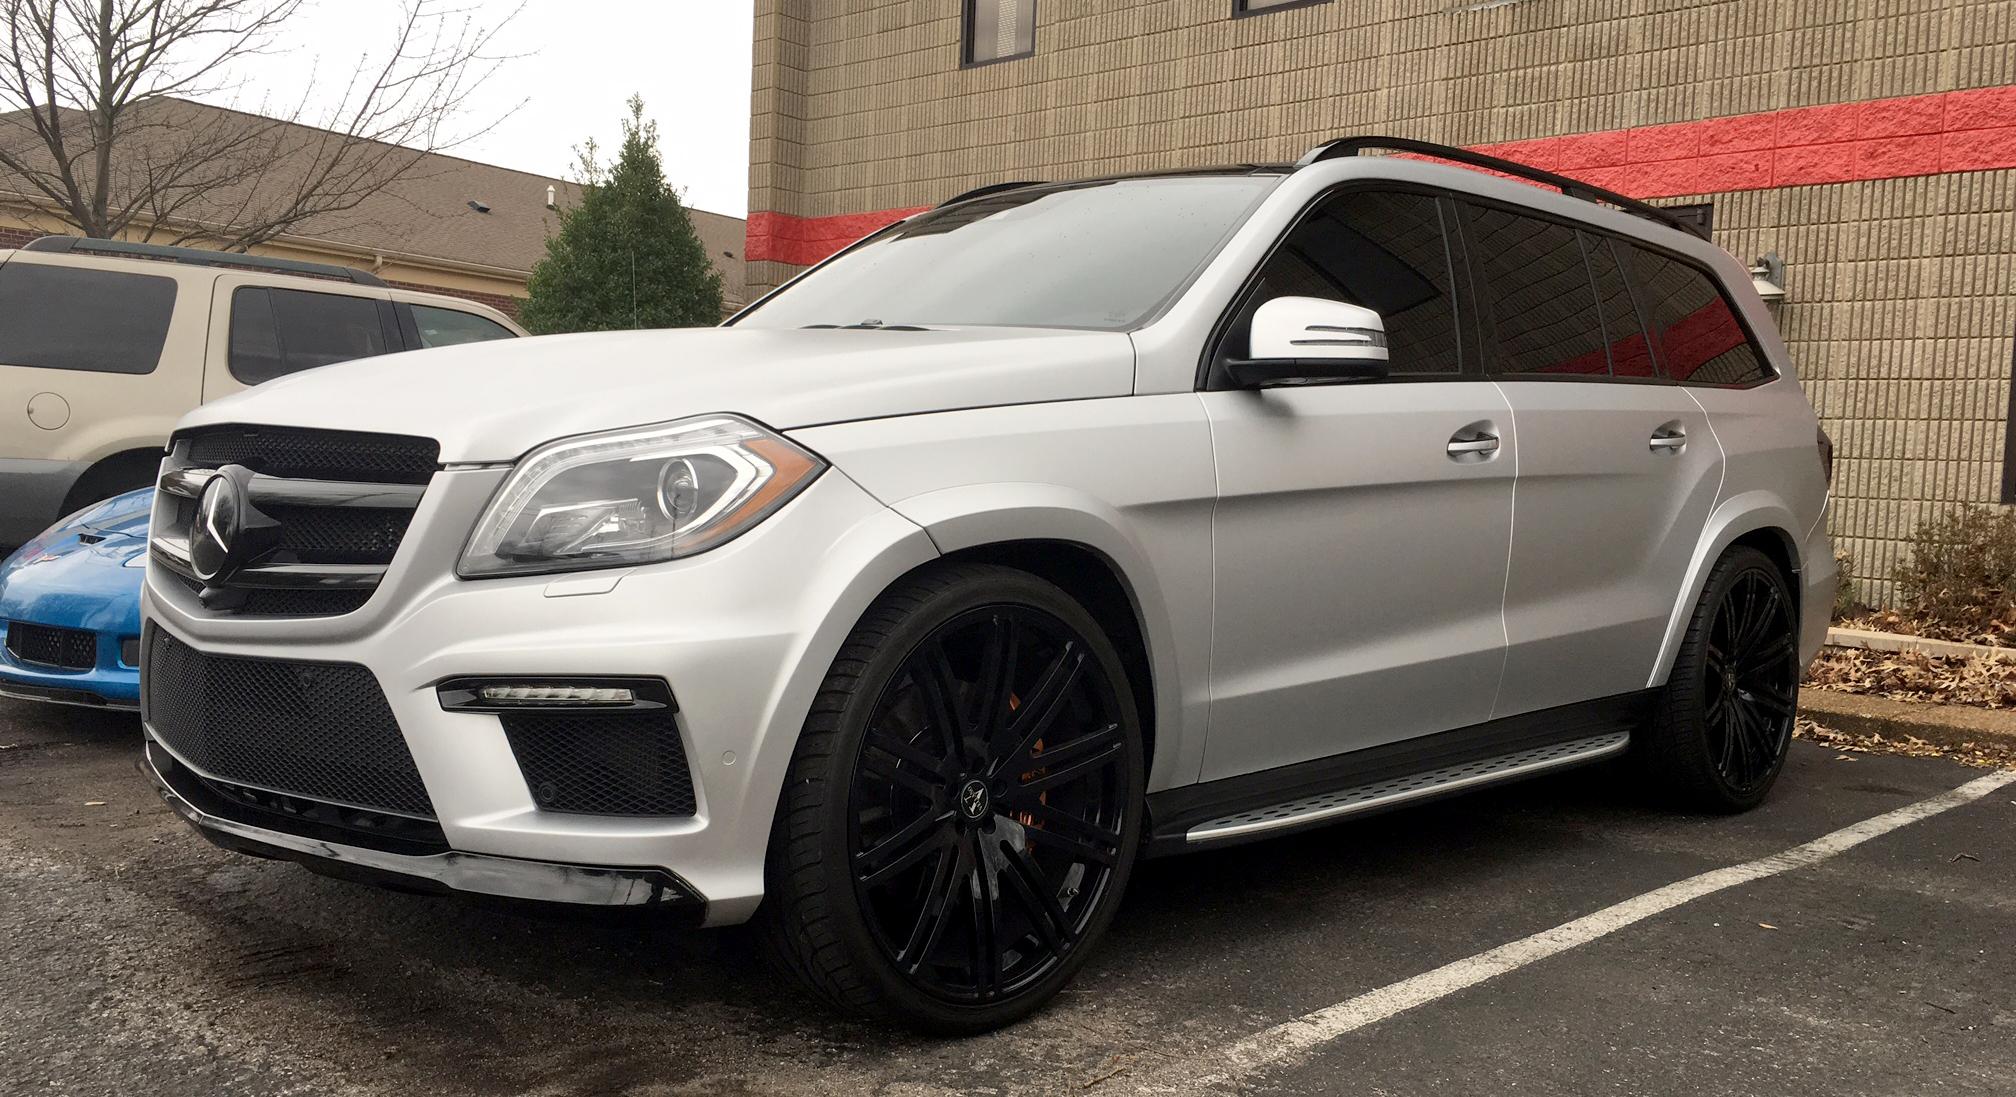 Mercedes+gl63+AMG+matte+frozen+silver+wrap+nashville+thewraplab.JPG